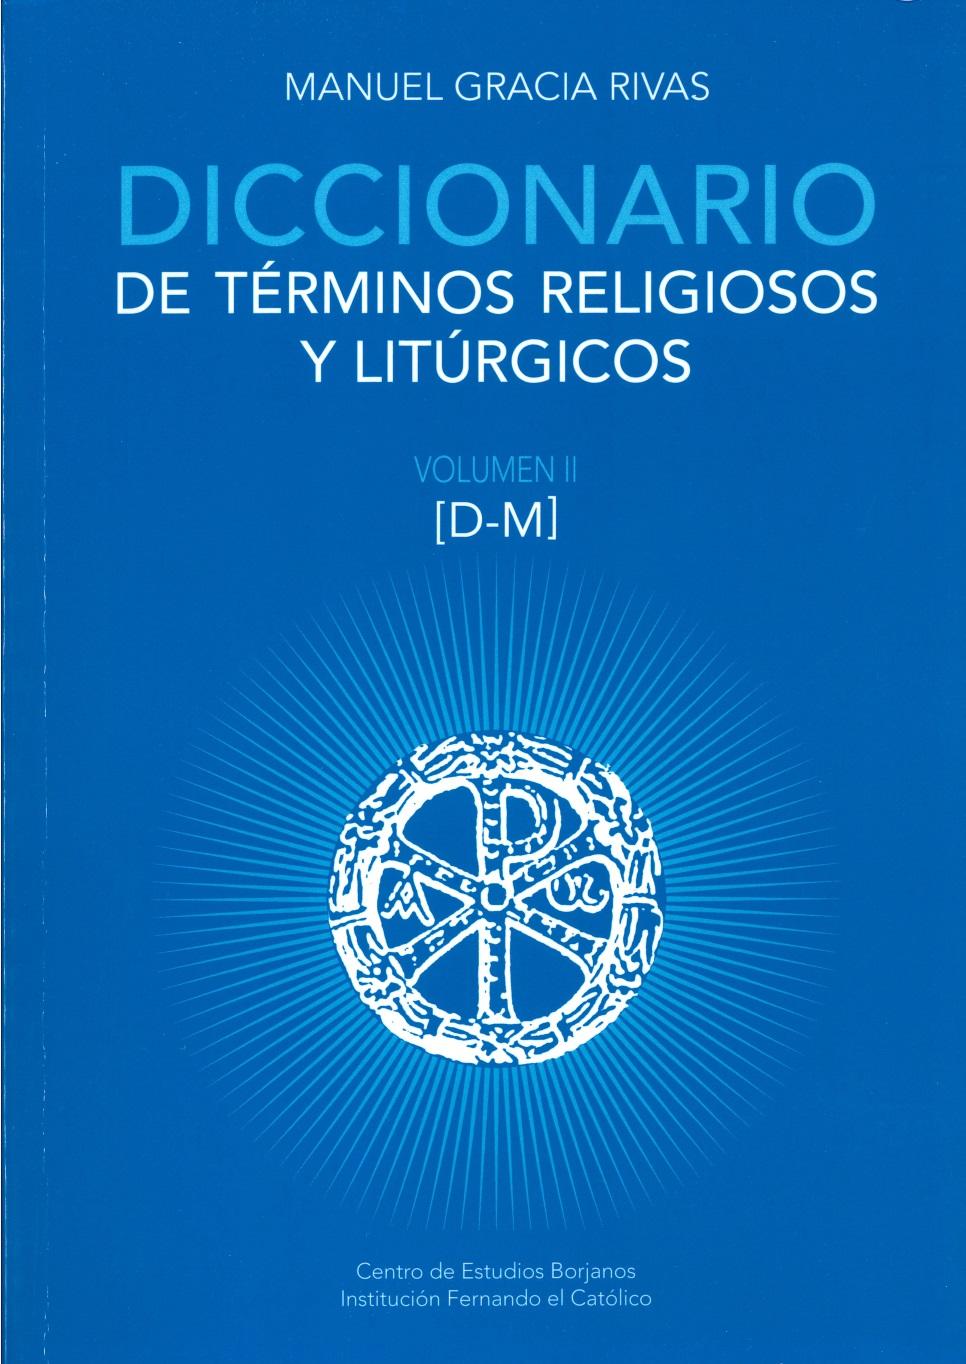 diccionario_de_terminos_religiosos.jpg